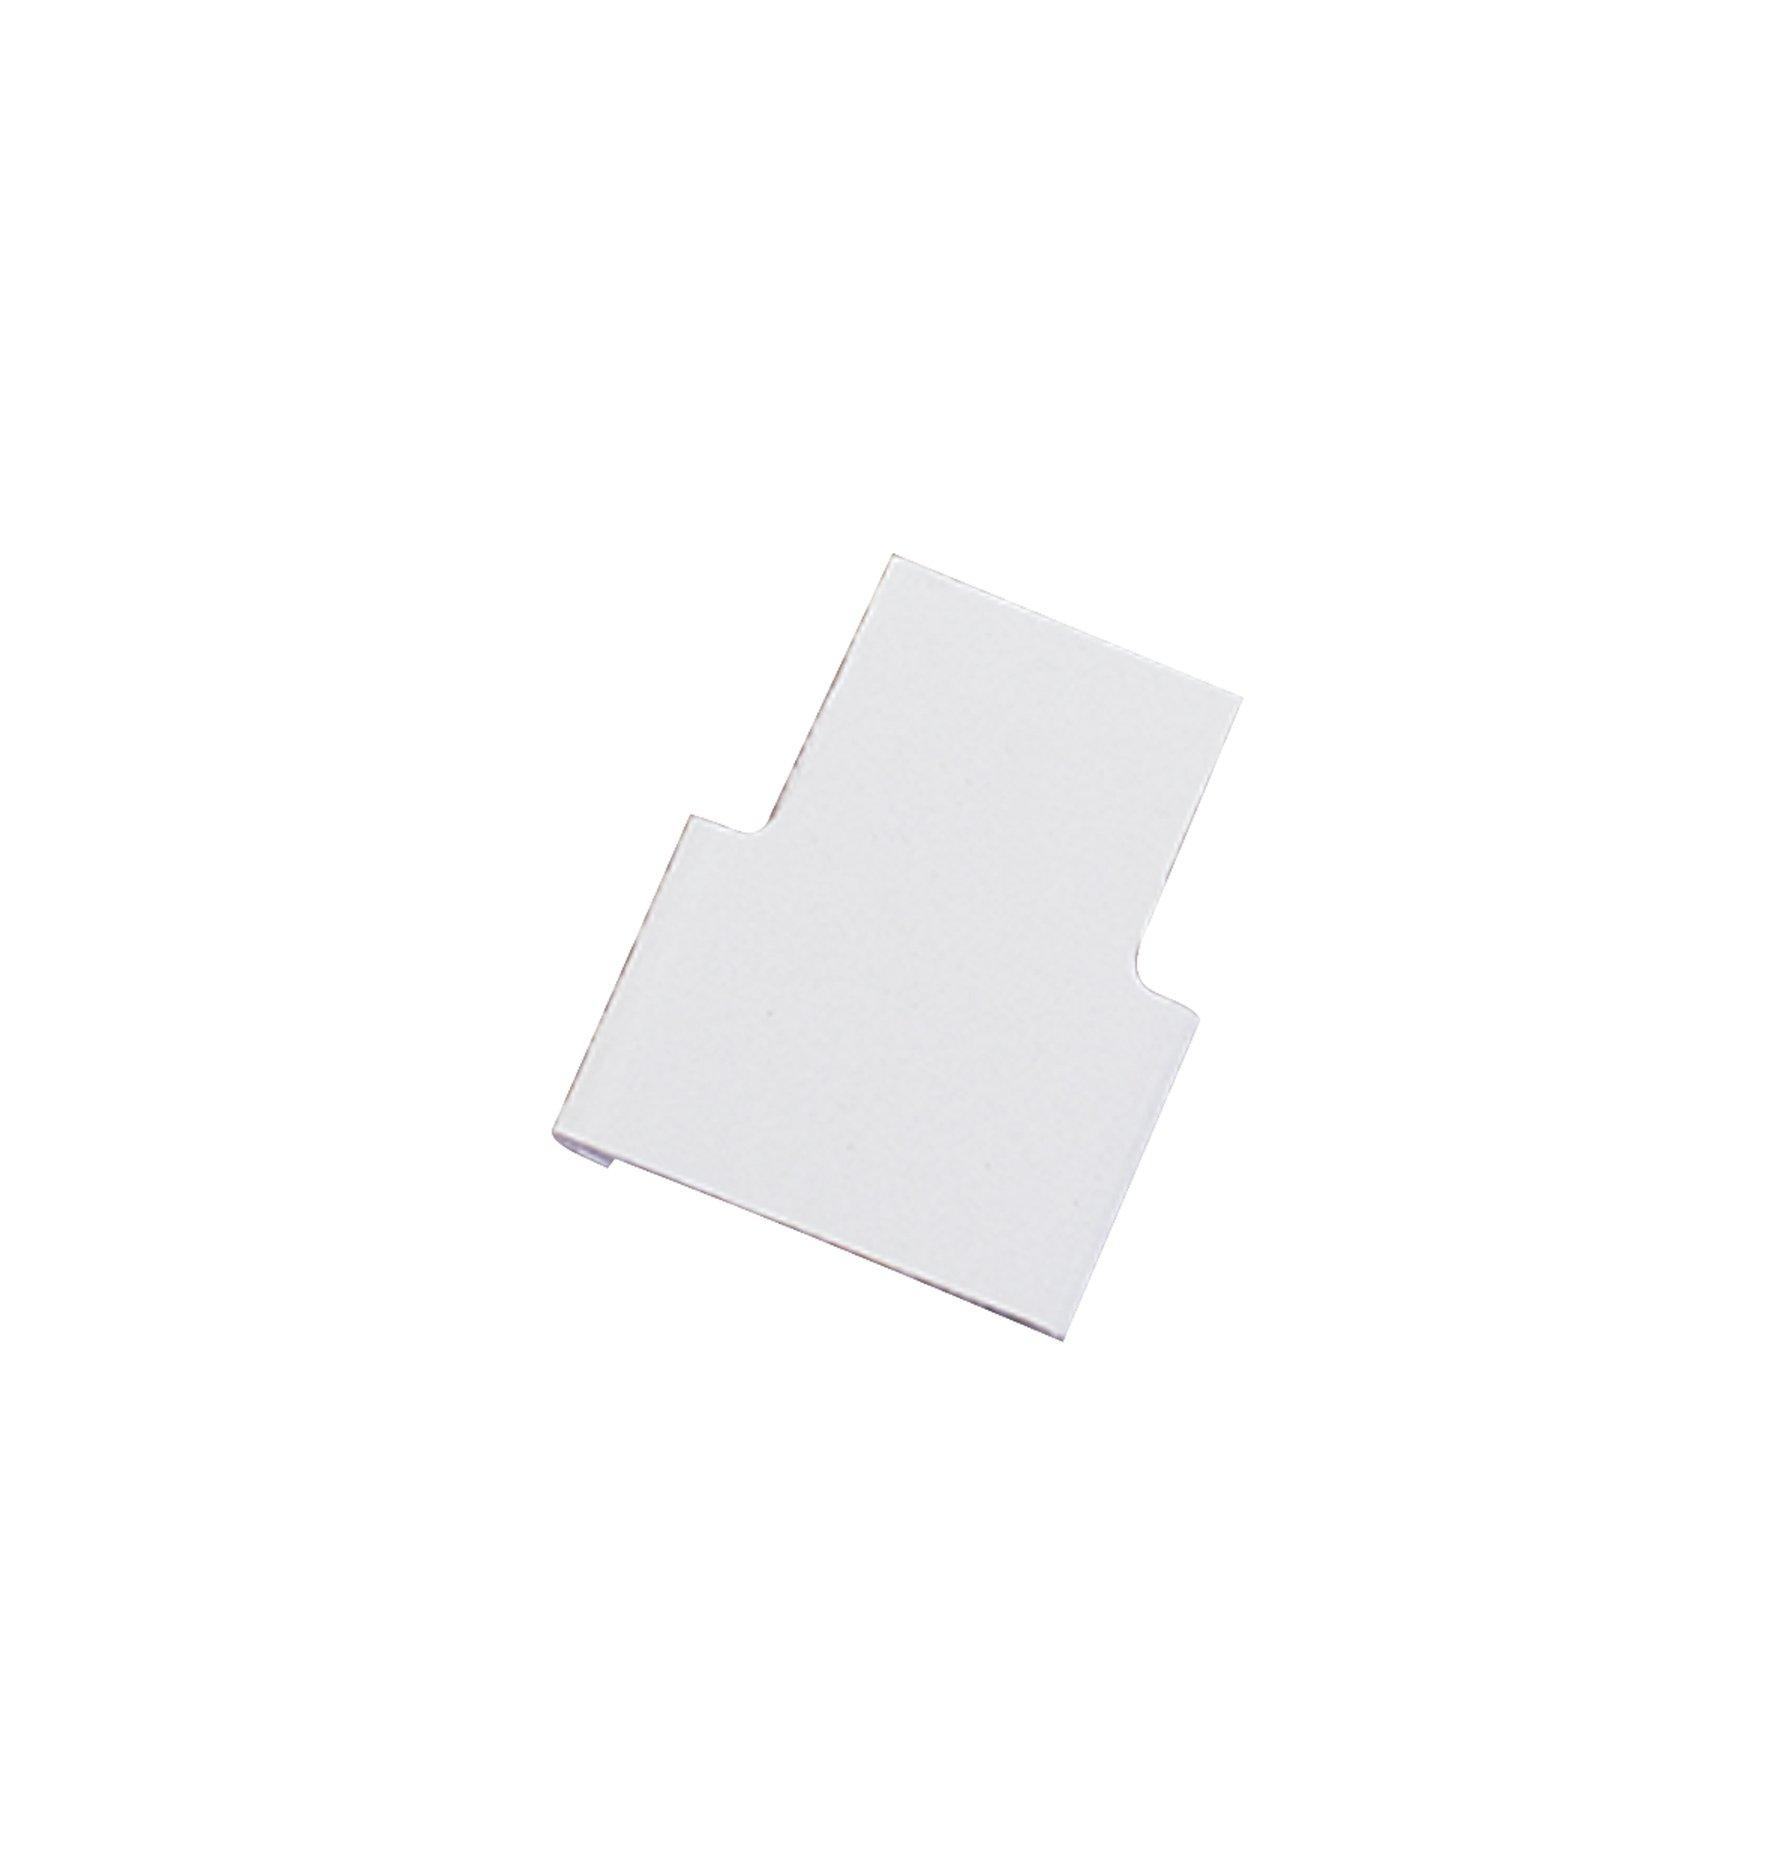 Nalgene Aluminum Storage Cane Coders, white (Case of 100) by Nalgene (Image #1)